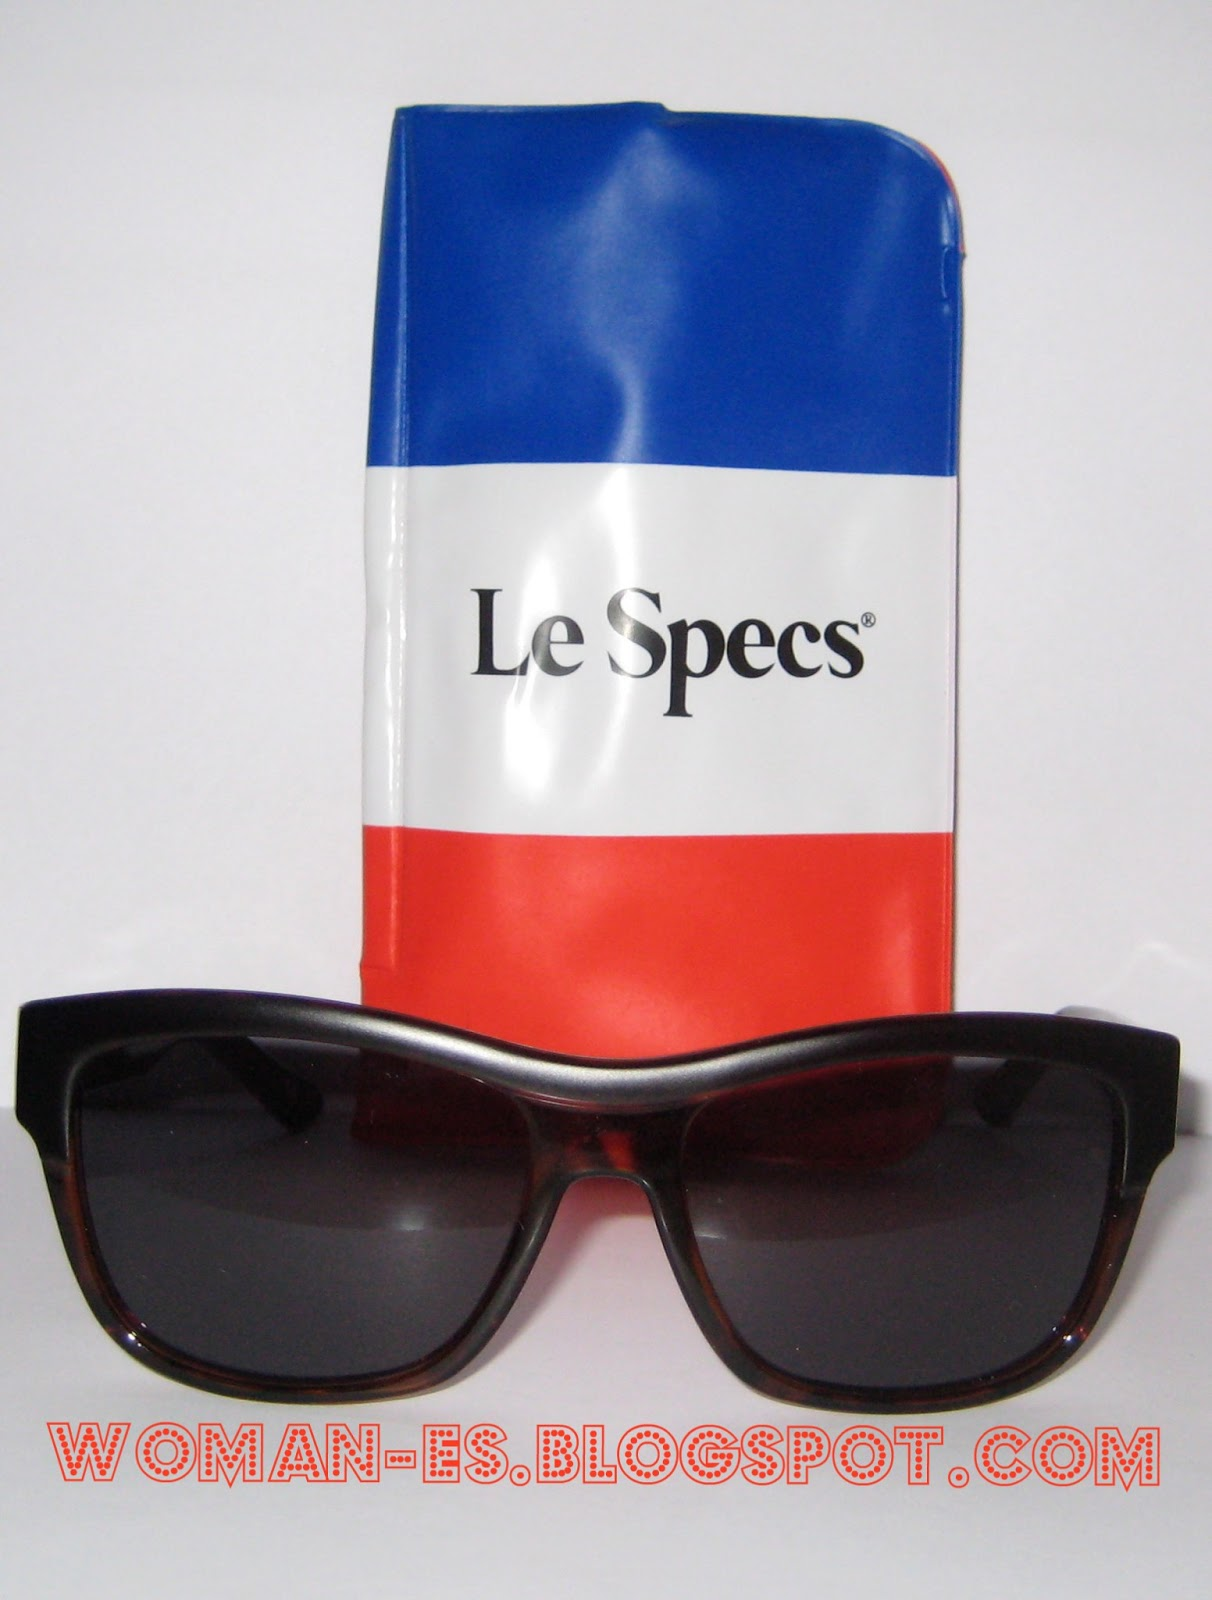 cc8045af0a También podemos comprarlo con cristales graduados a un precio de 103,90 €.  Son gafas unisex de pasta ...